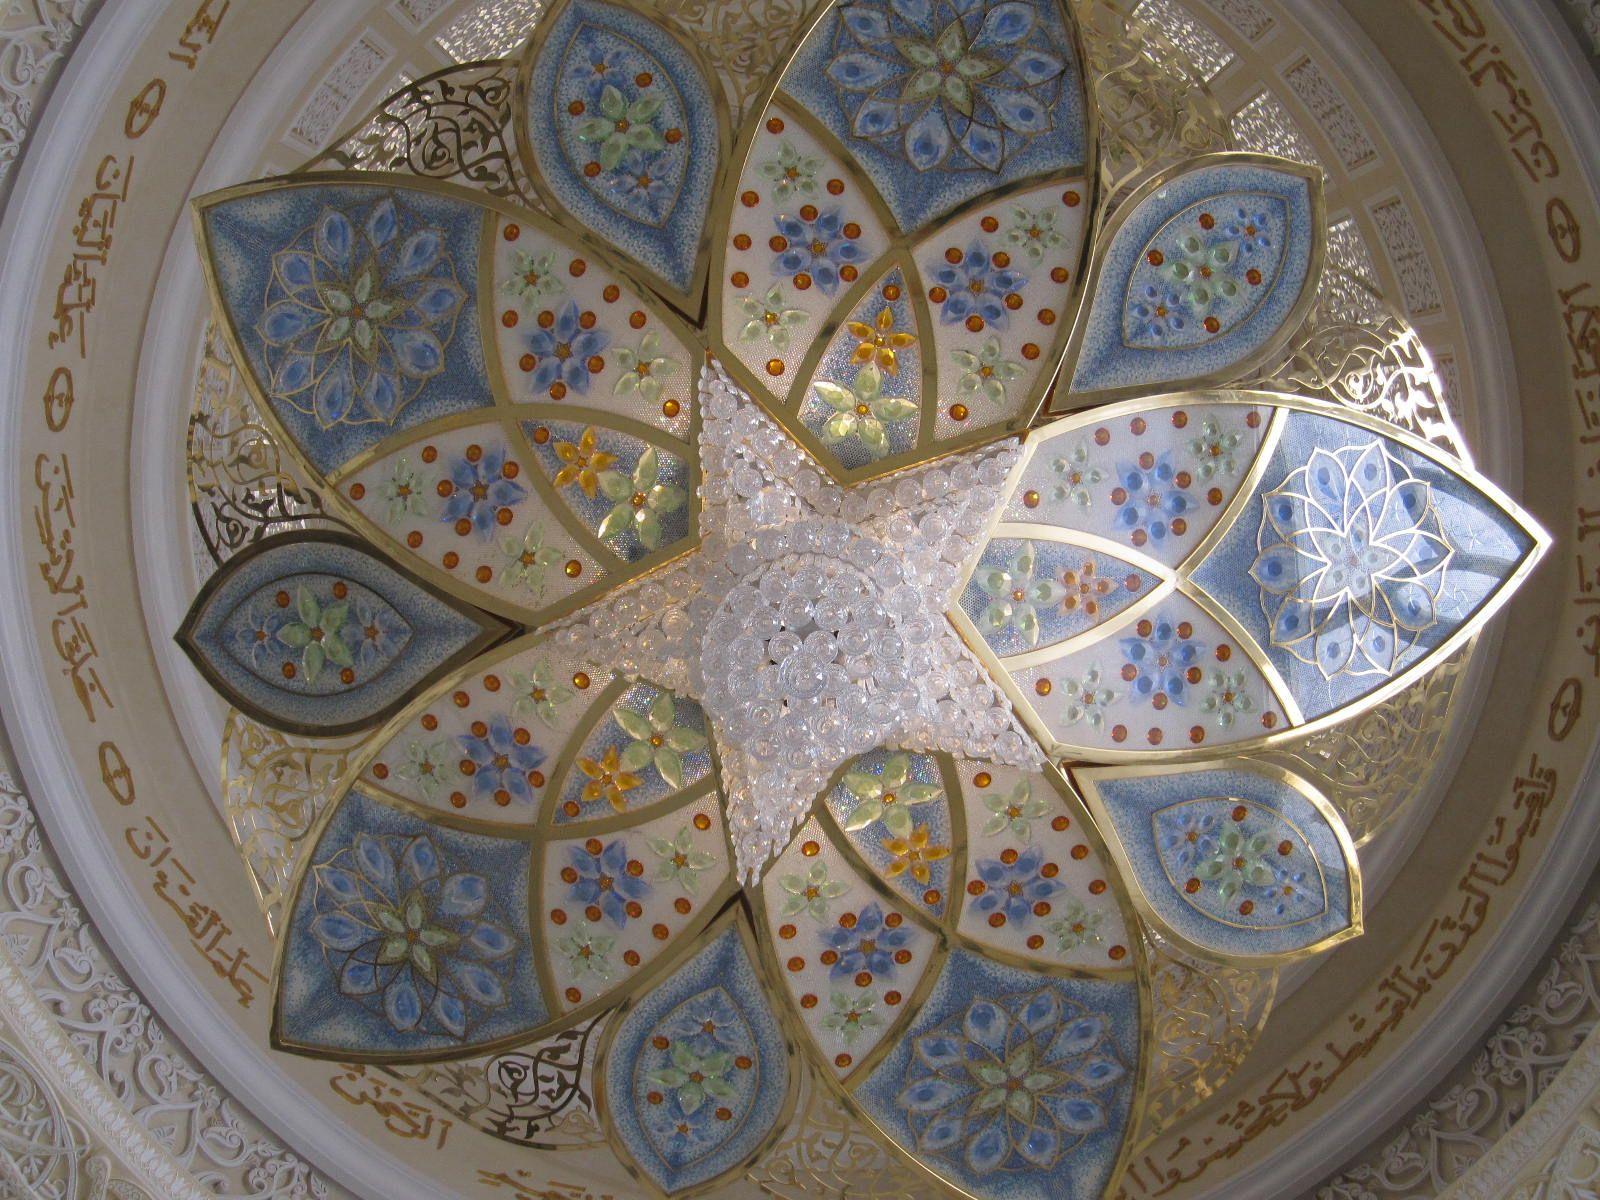 Glass and Swarovski crystal chandelier Sheik Zayed Grand Mosque ...